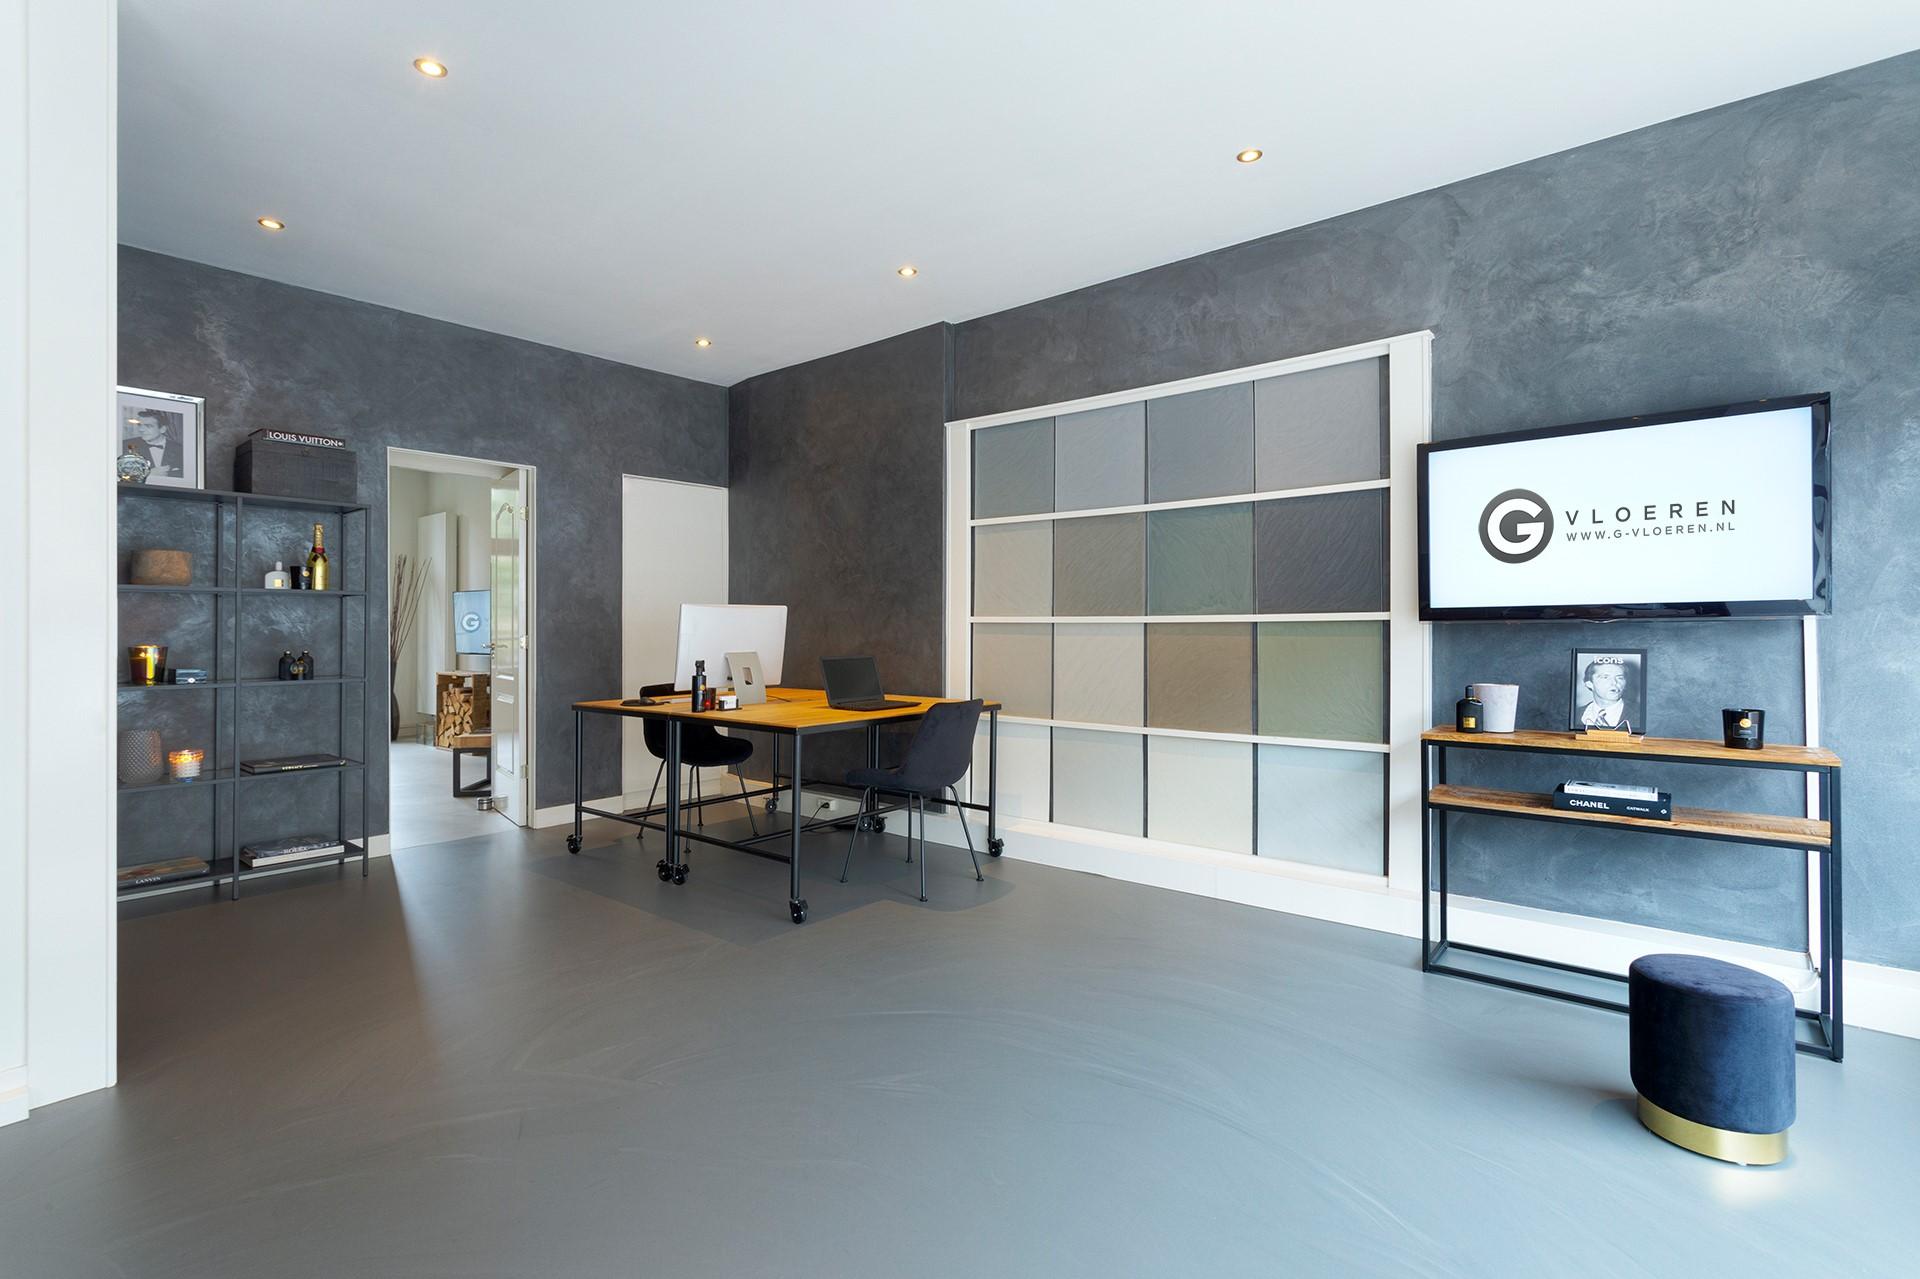 PU gietvloeren G-vloeren showroom